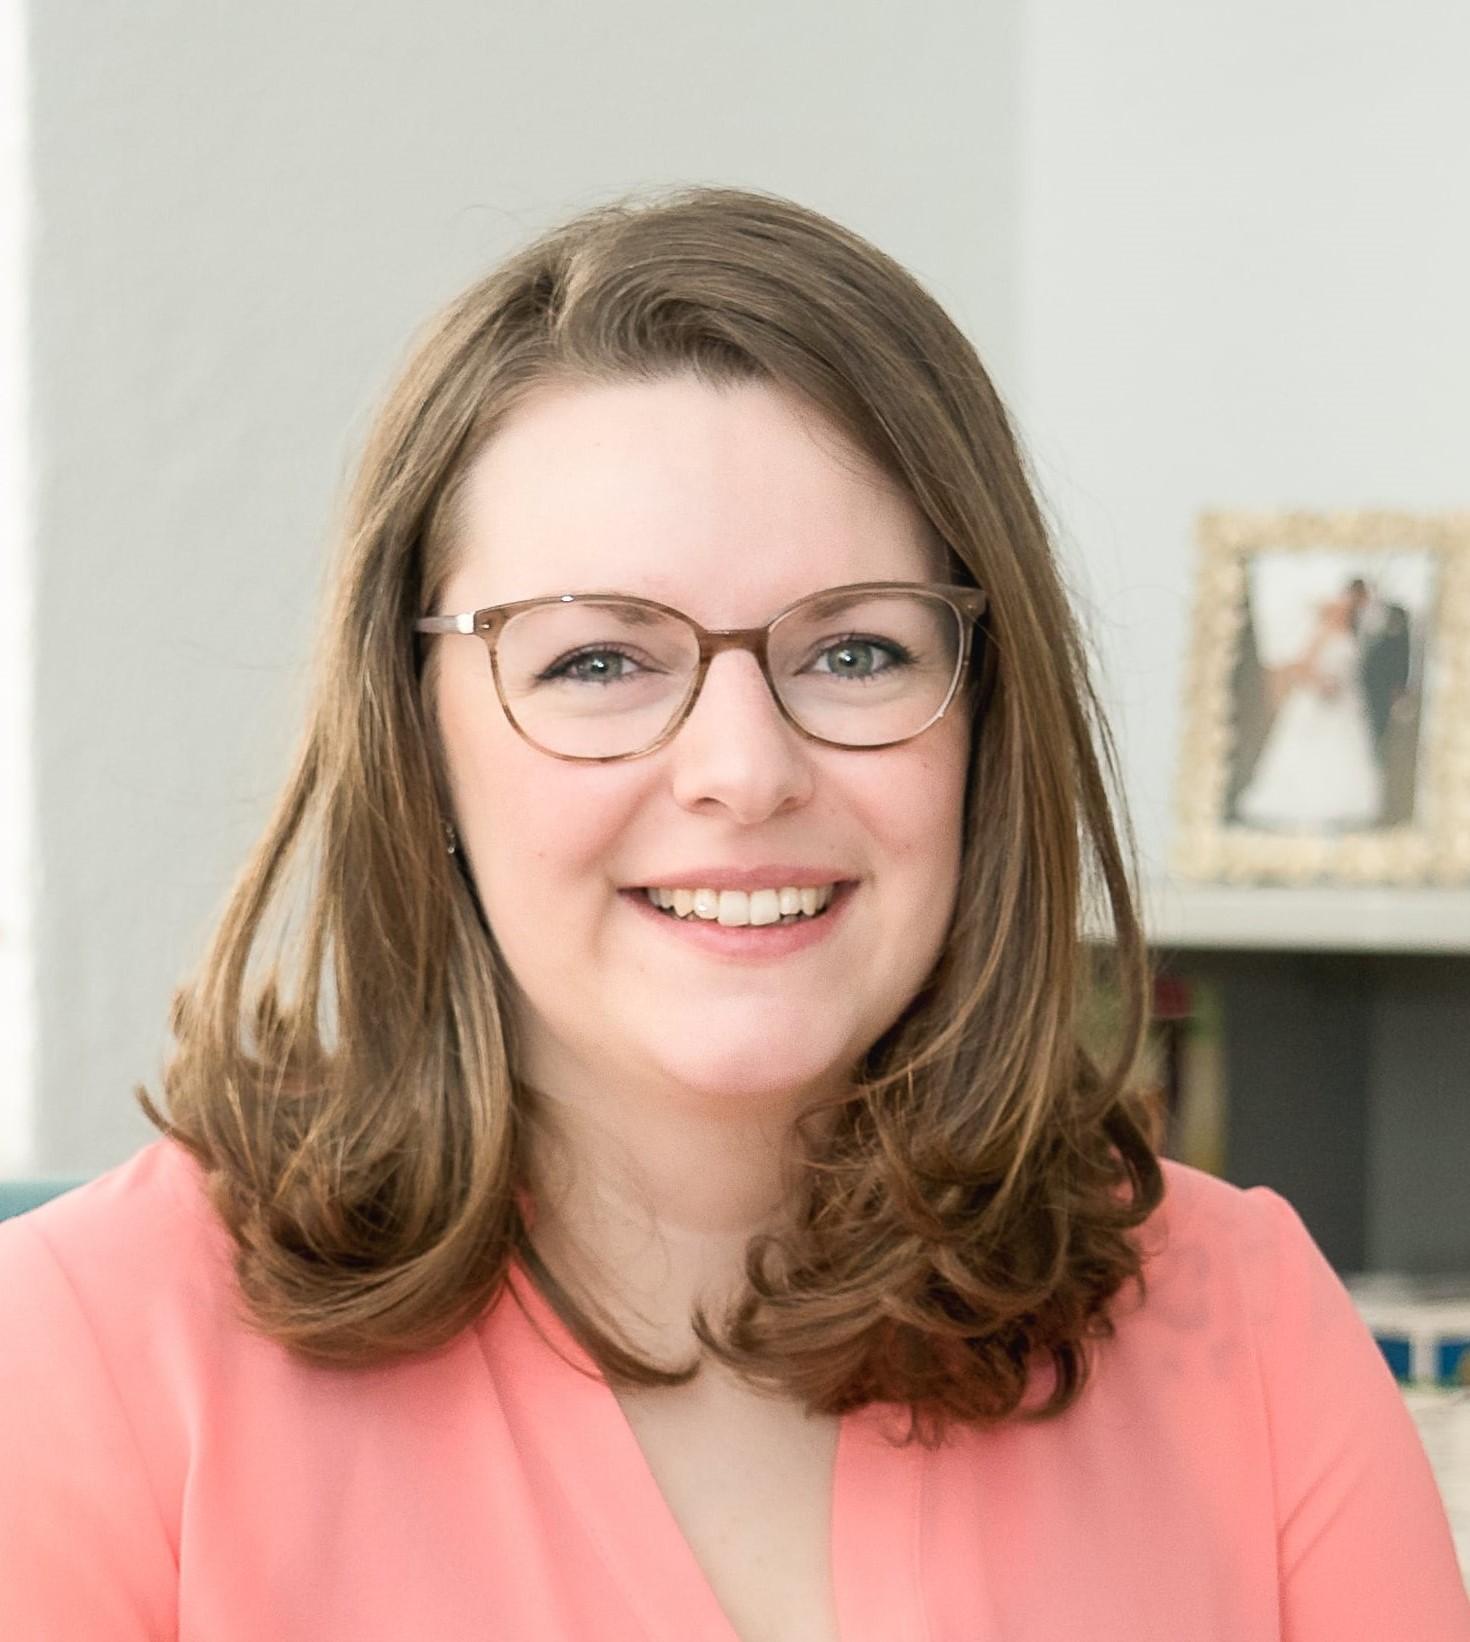 Aileen Schulz